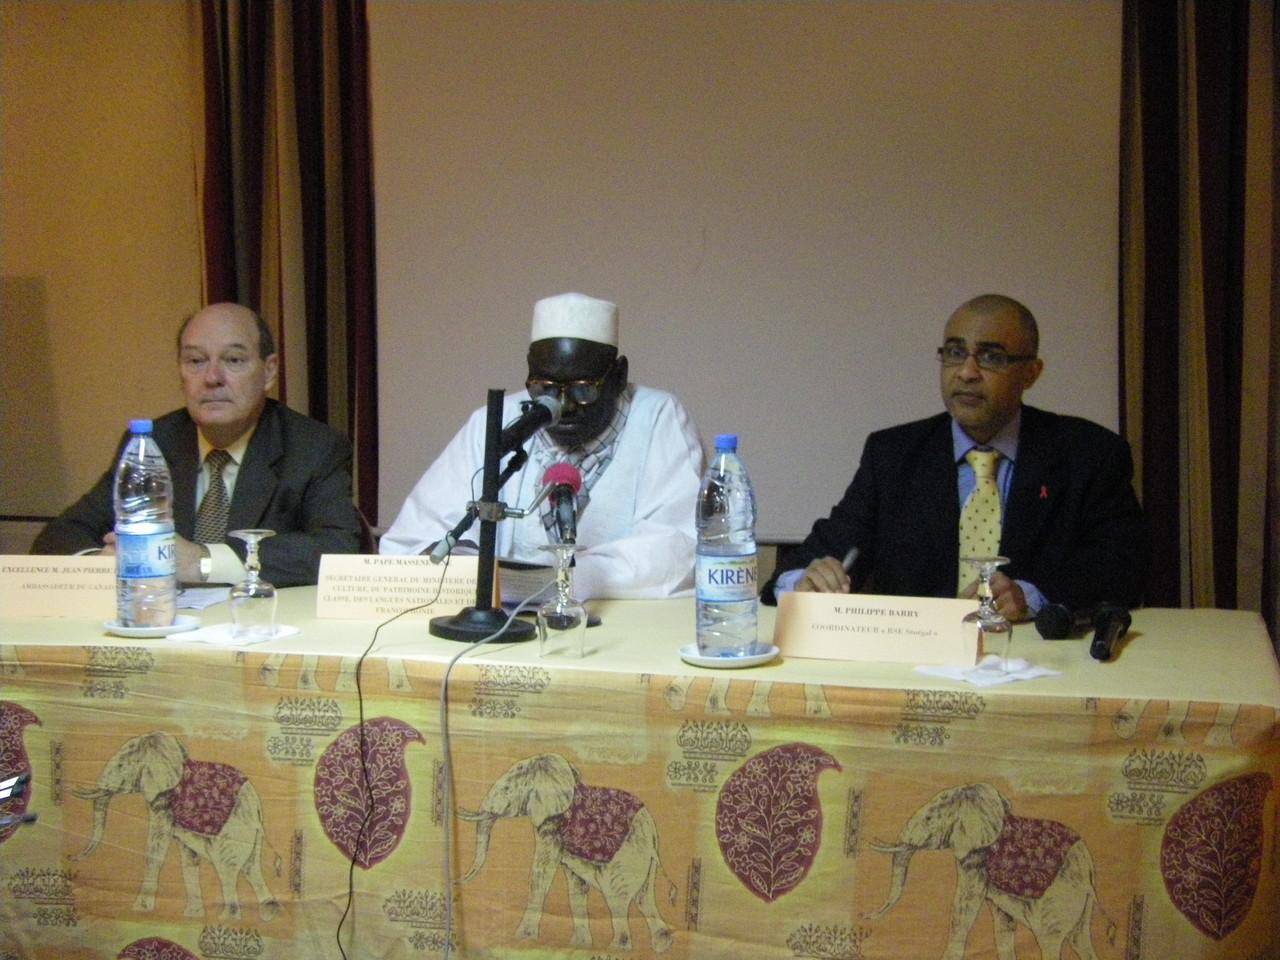 Forum RSE Senegal 2009 - parrainage : ministère chargé de la Francophonie